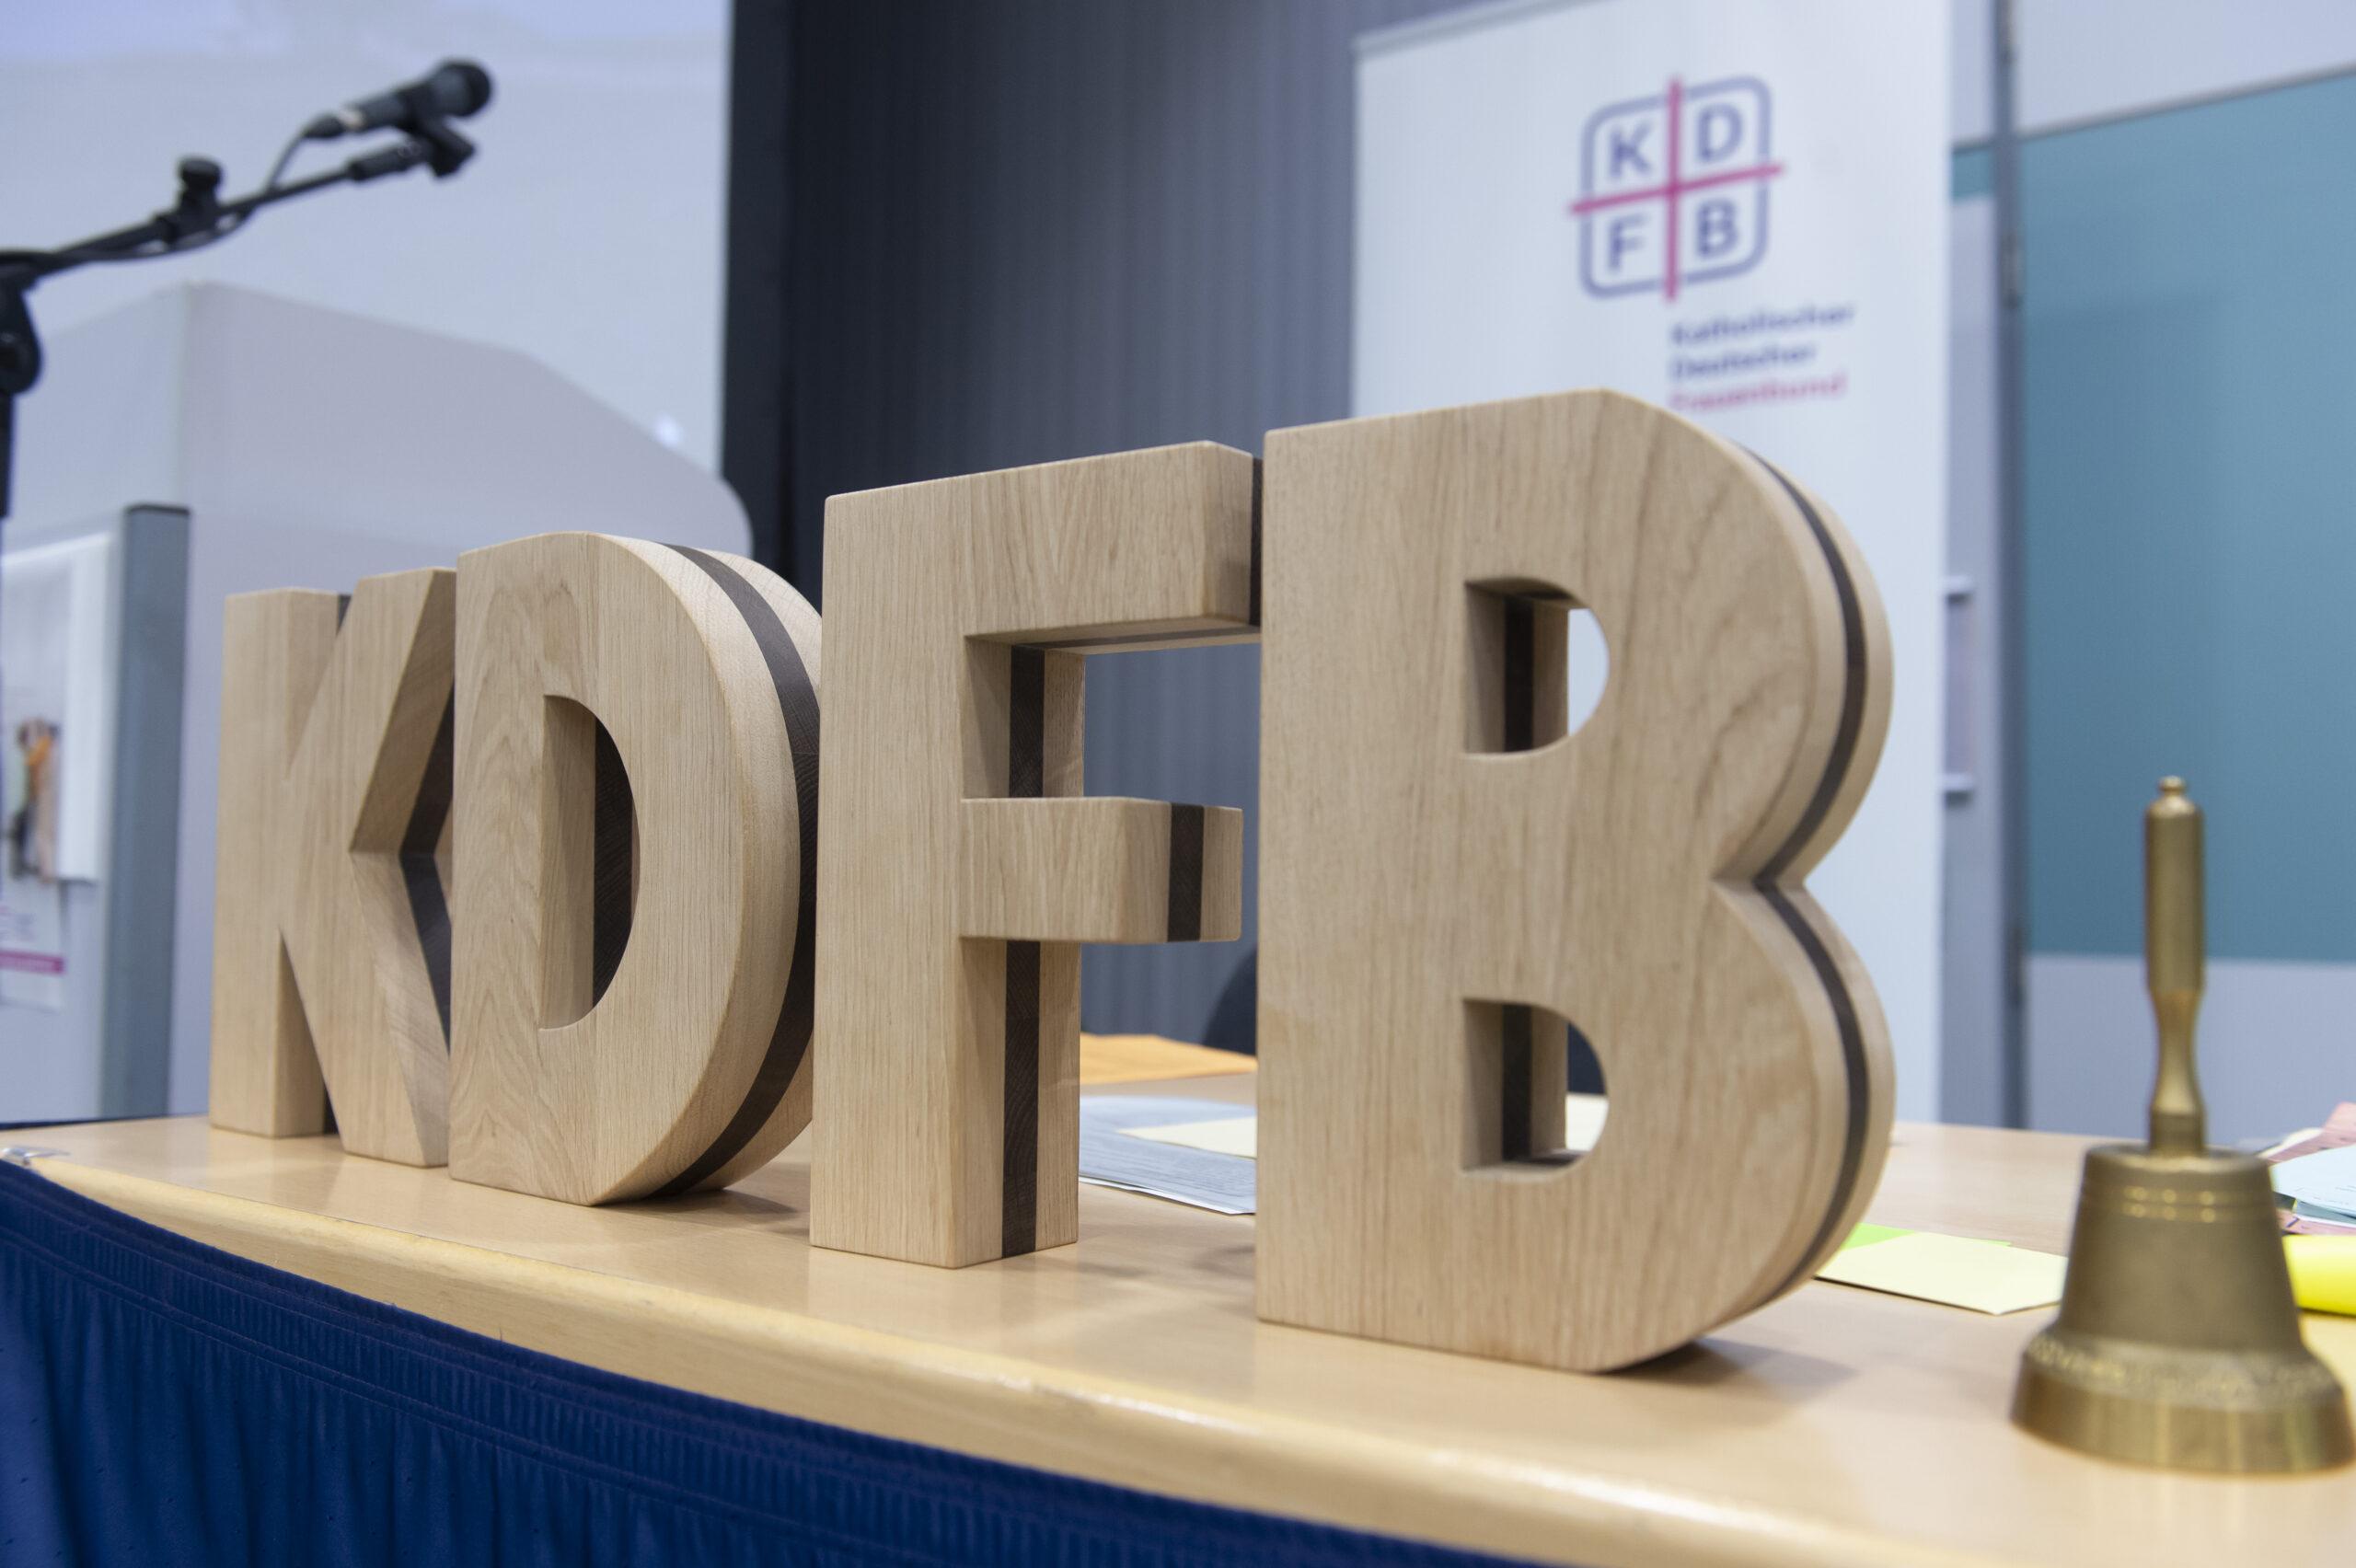 Foto: Fromann für den KDFB